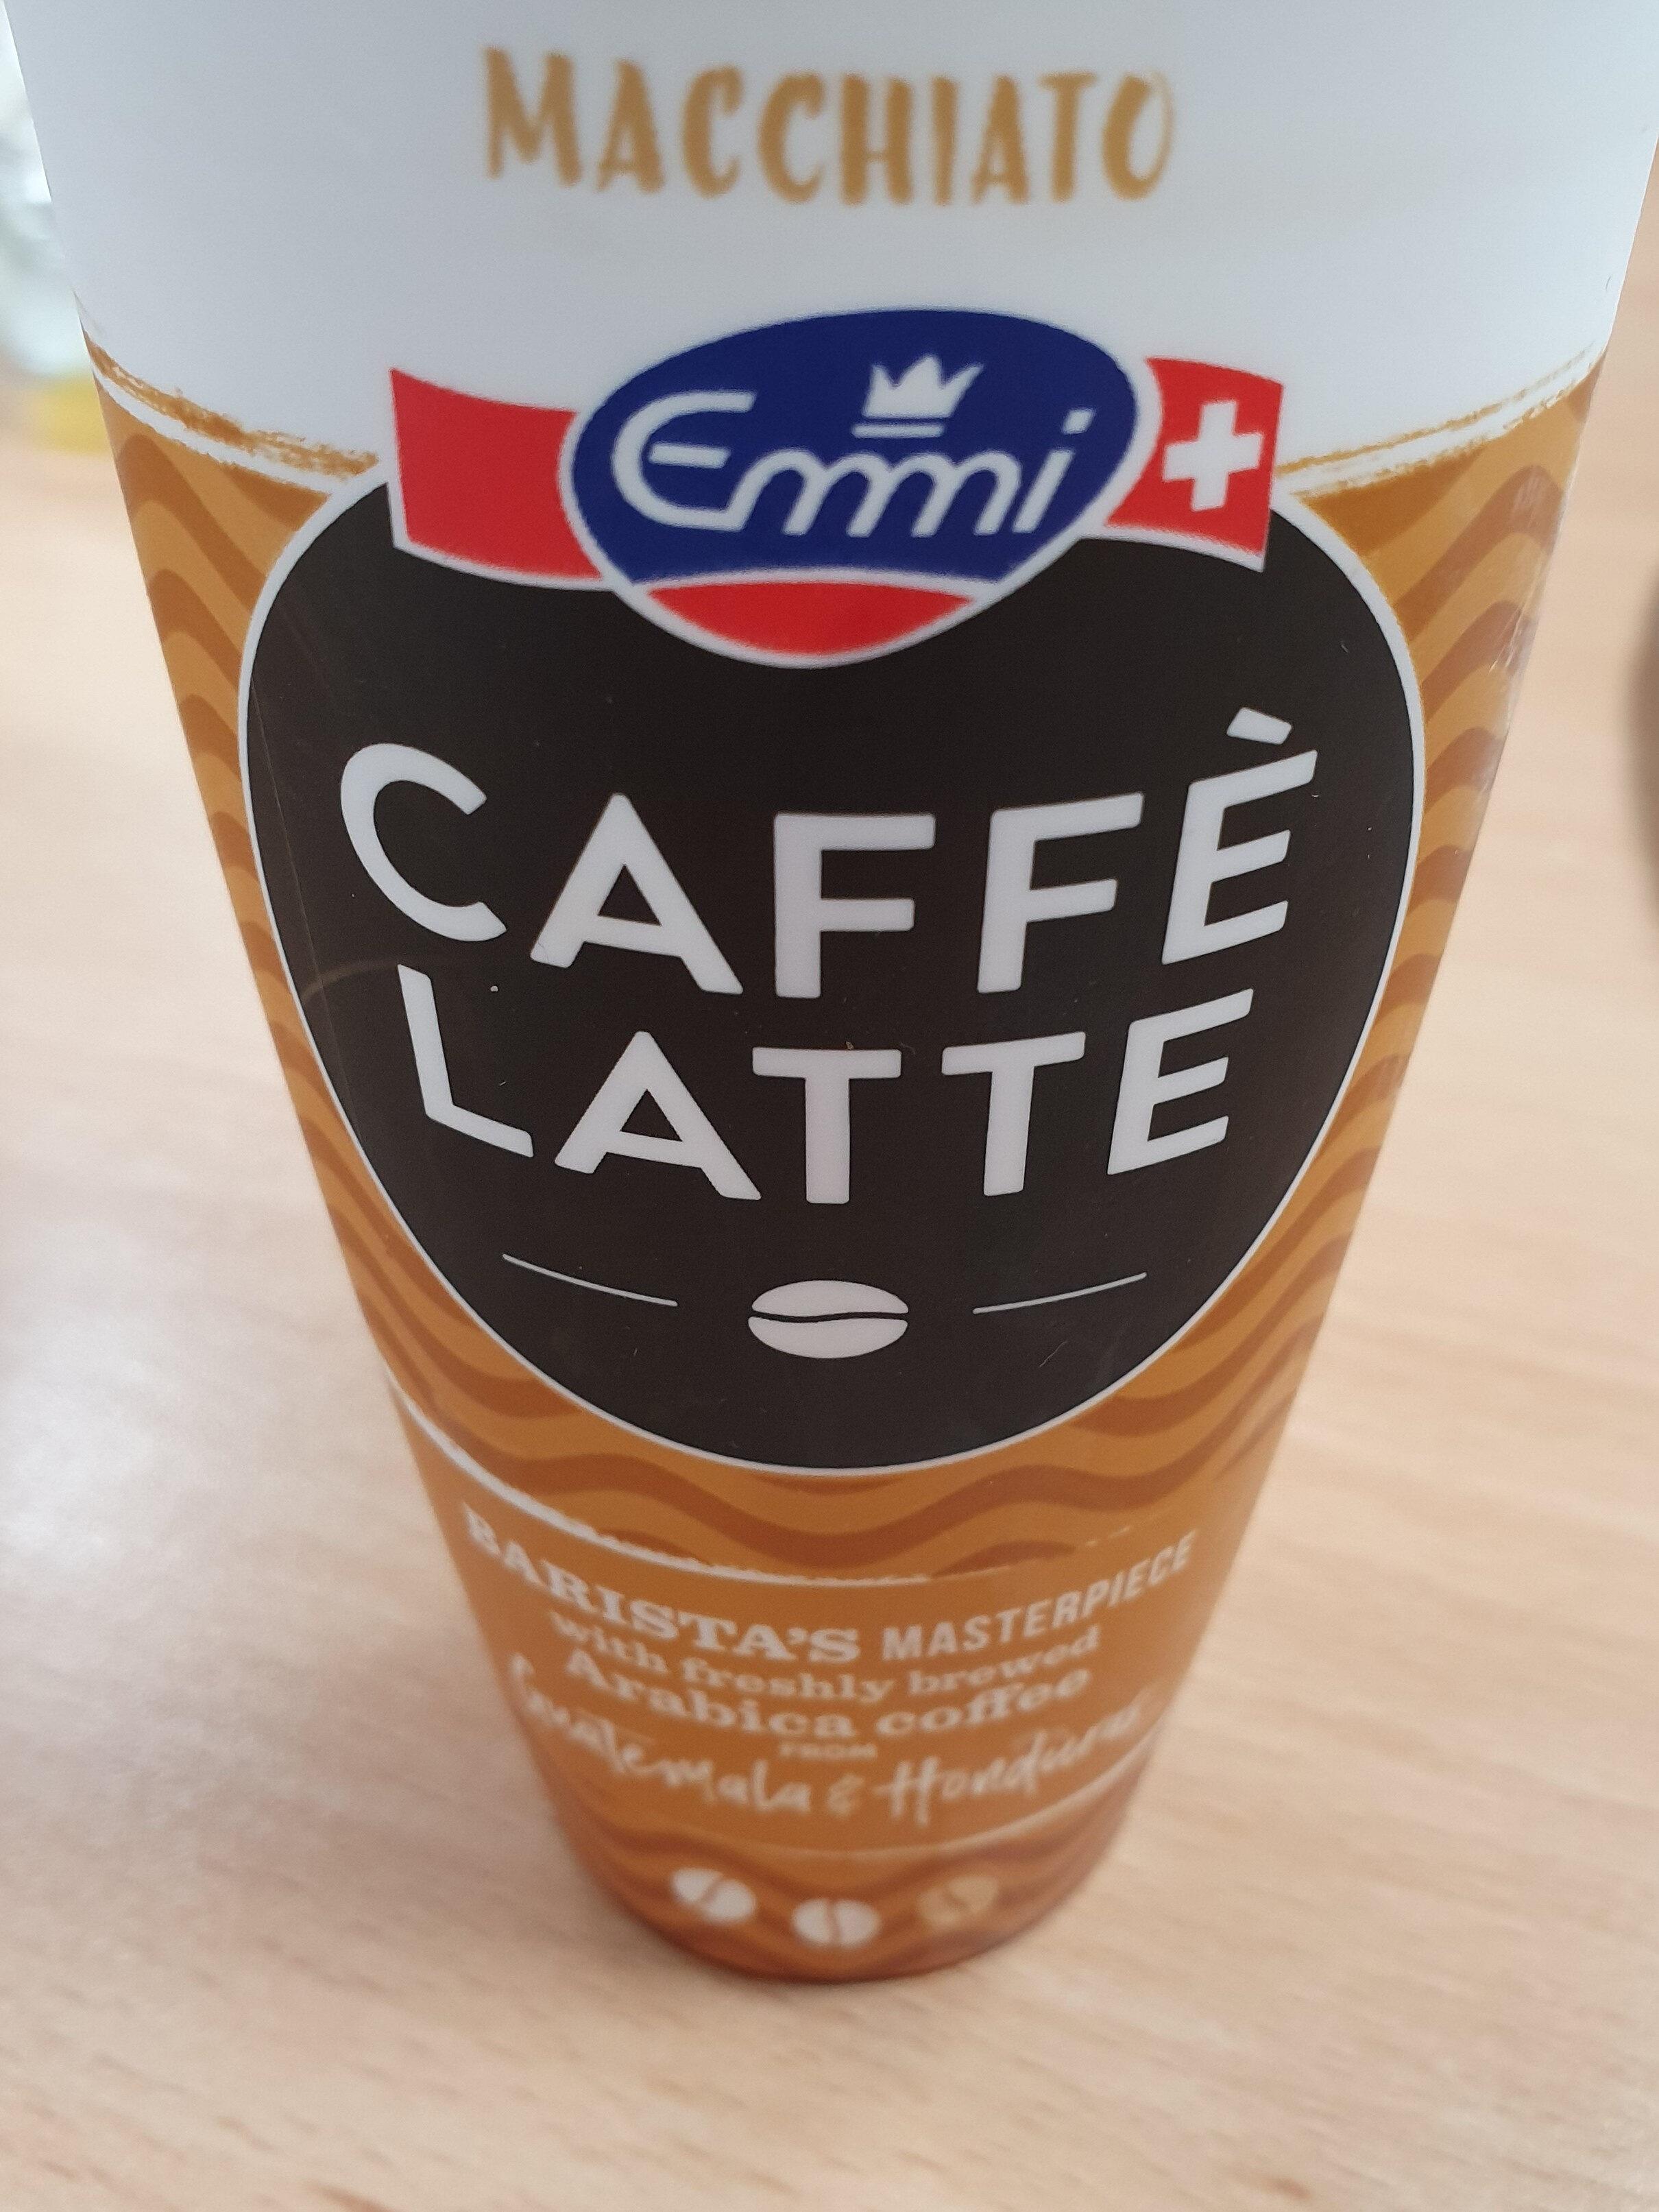 caffè latte macchiato - Product